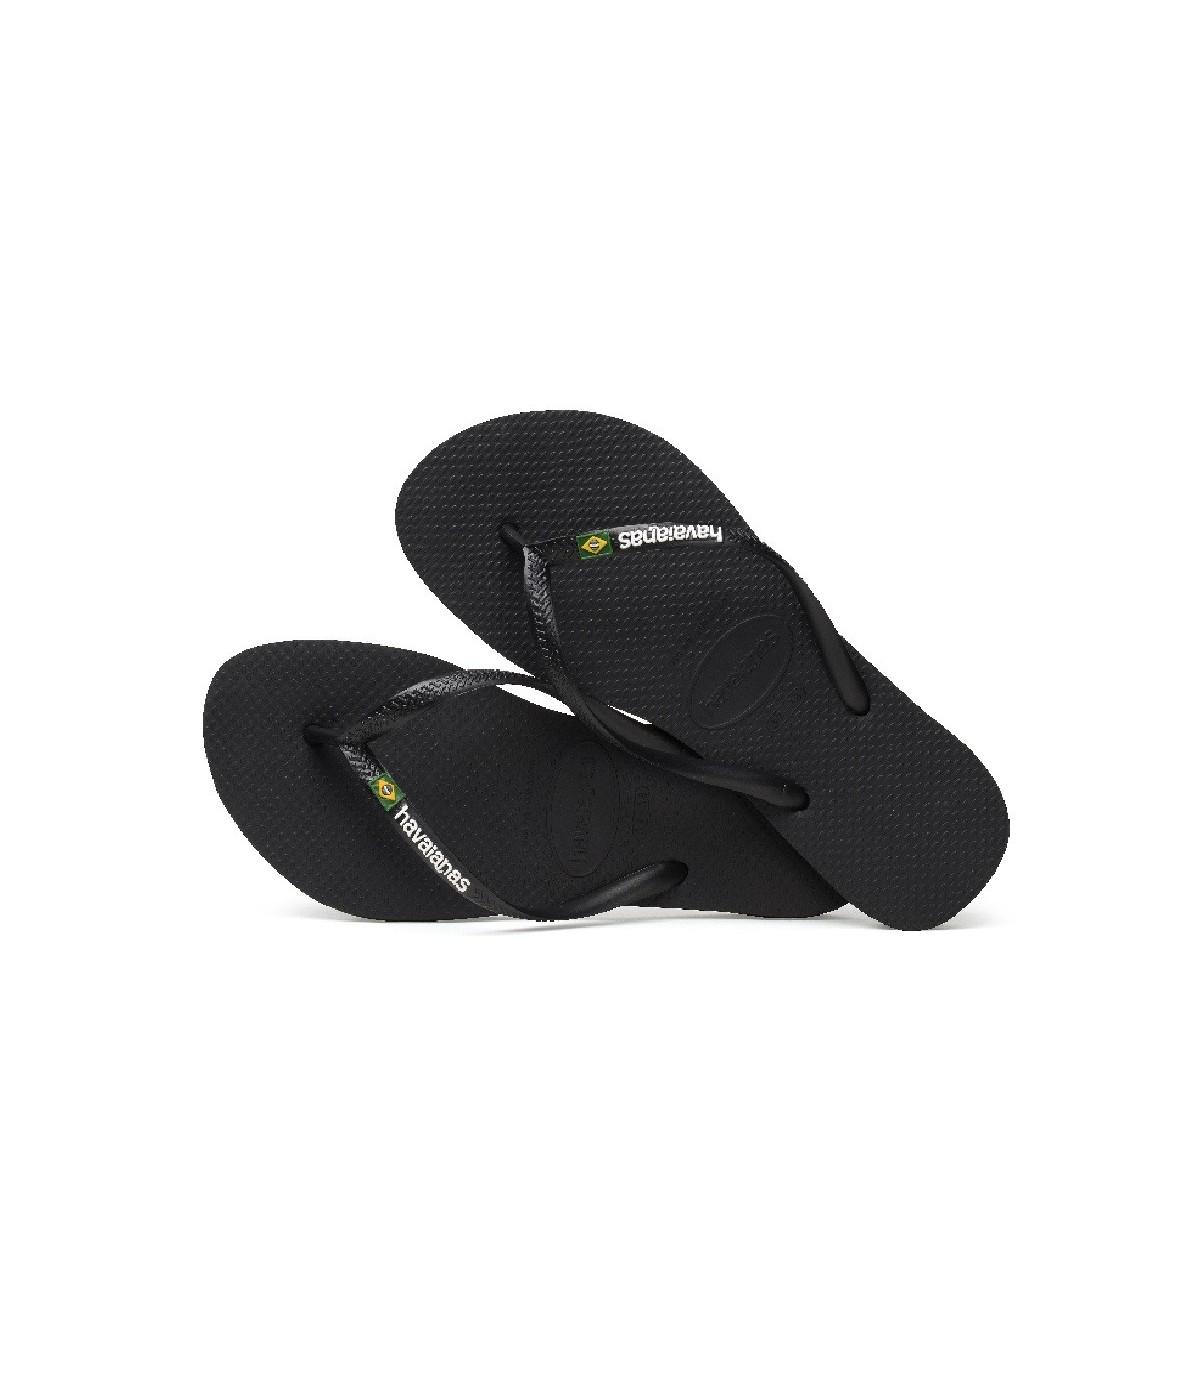 remise spéciale plus de photos sur des pieds à Tong Femme Havaianas Slim Brasil Logo Noir | SHOWROOMVIP : Tongs Femme